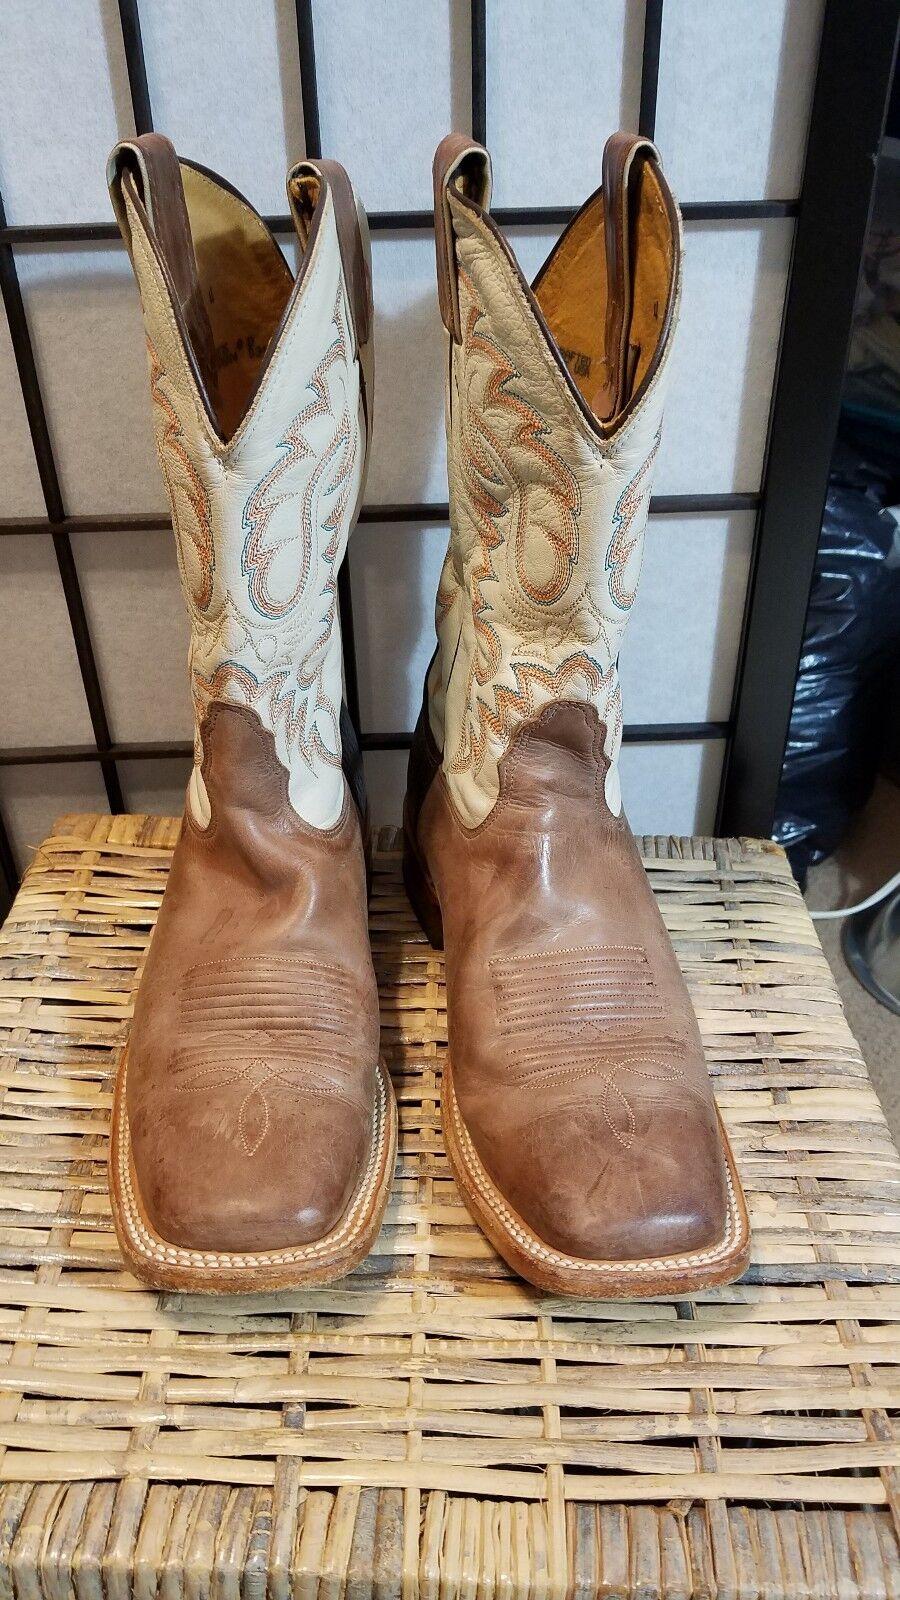 NOCONA Cowboy Stiefel Mens MD2701 TAN VINTAGE COW 8 D Excellent Condition